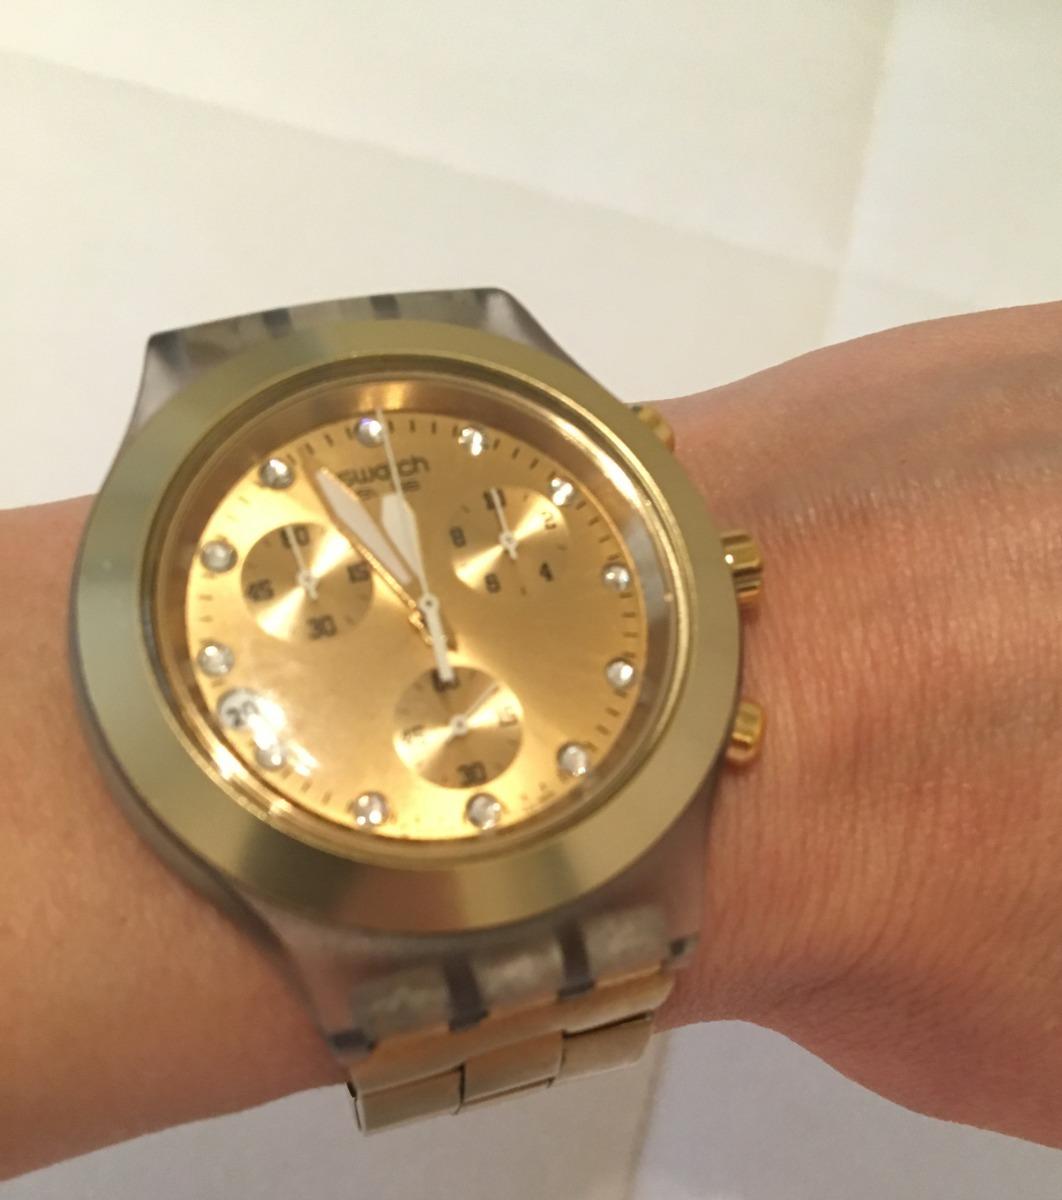 cf974e5cf59 relogio original swatch dourado. Carregando zoom.